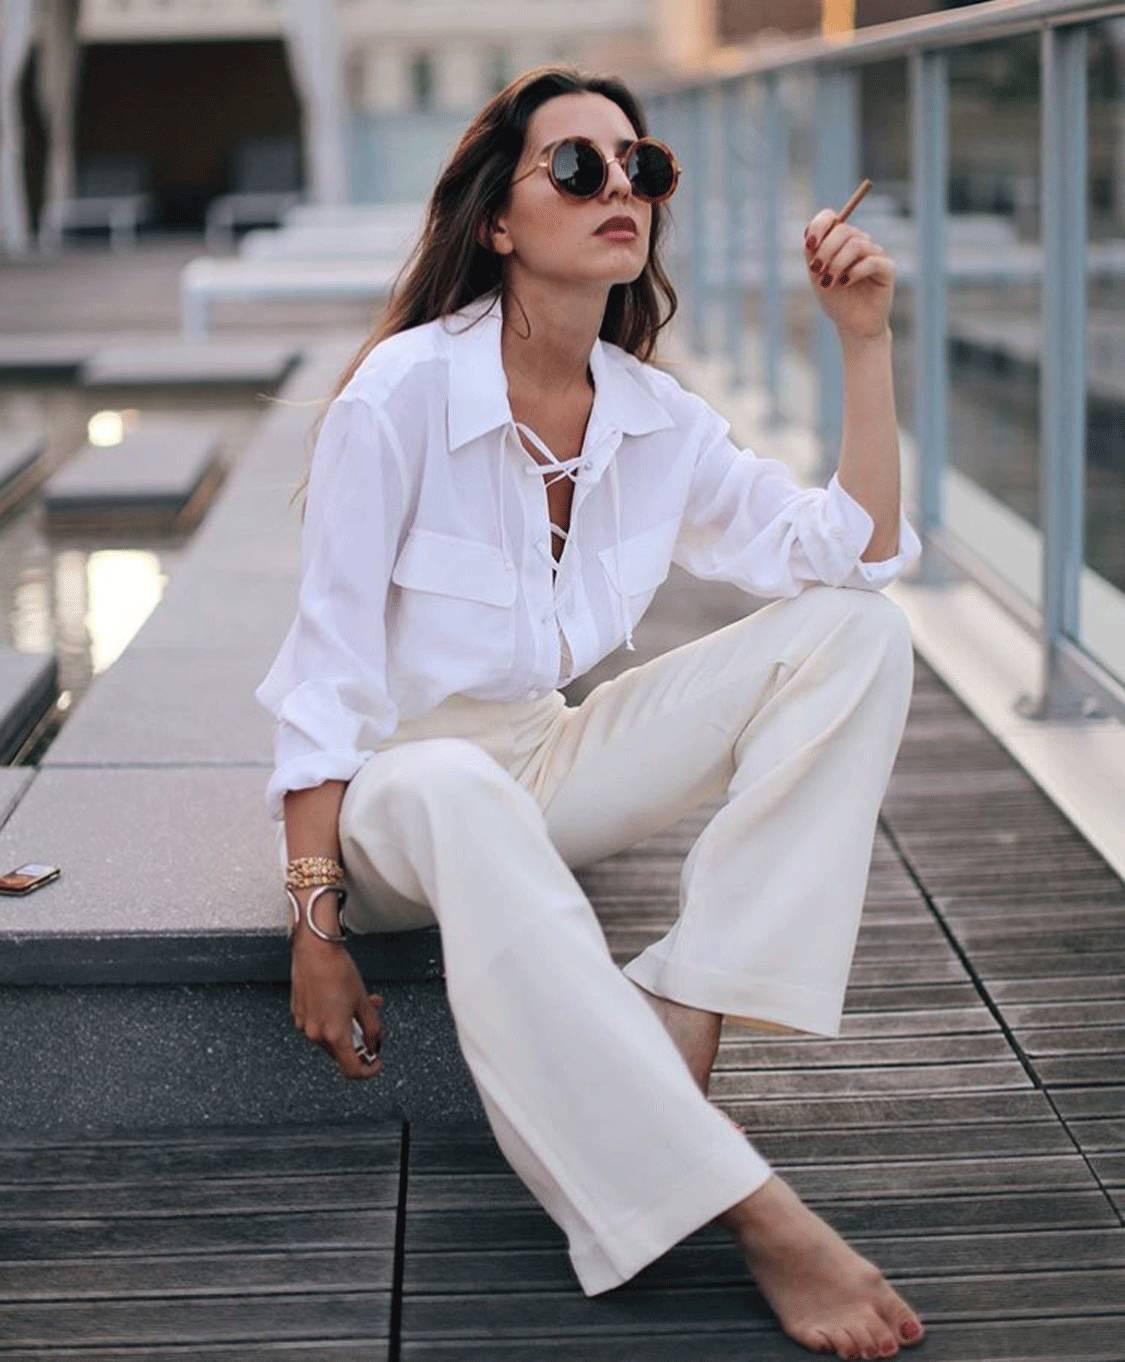 学习法国女人穿衣经,裤管越大越时髦!$19.99起阔腿裤,免税+免运+免退!